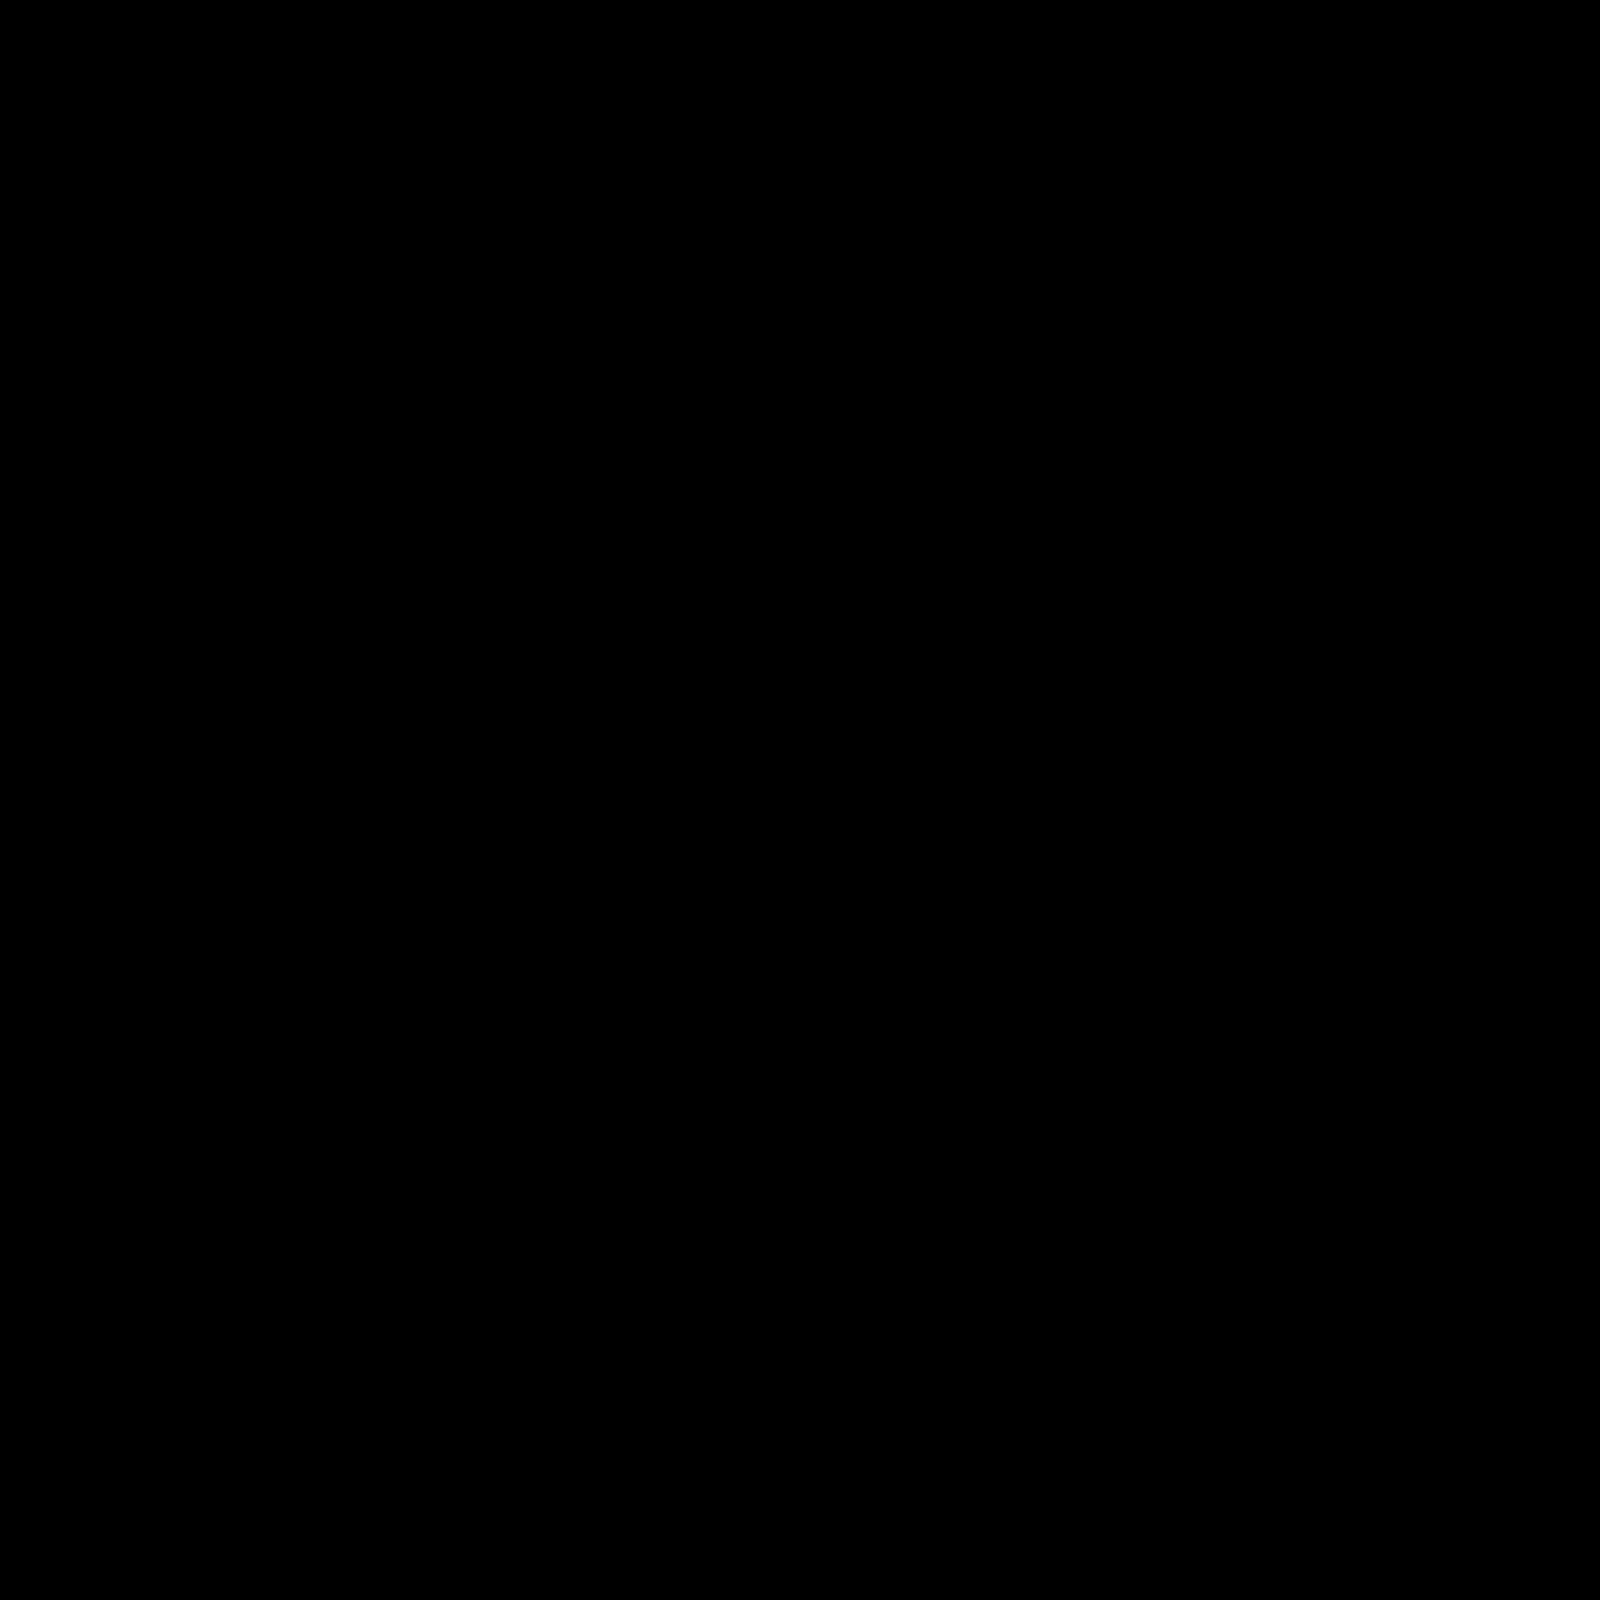 Hiragana Ya icon